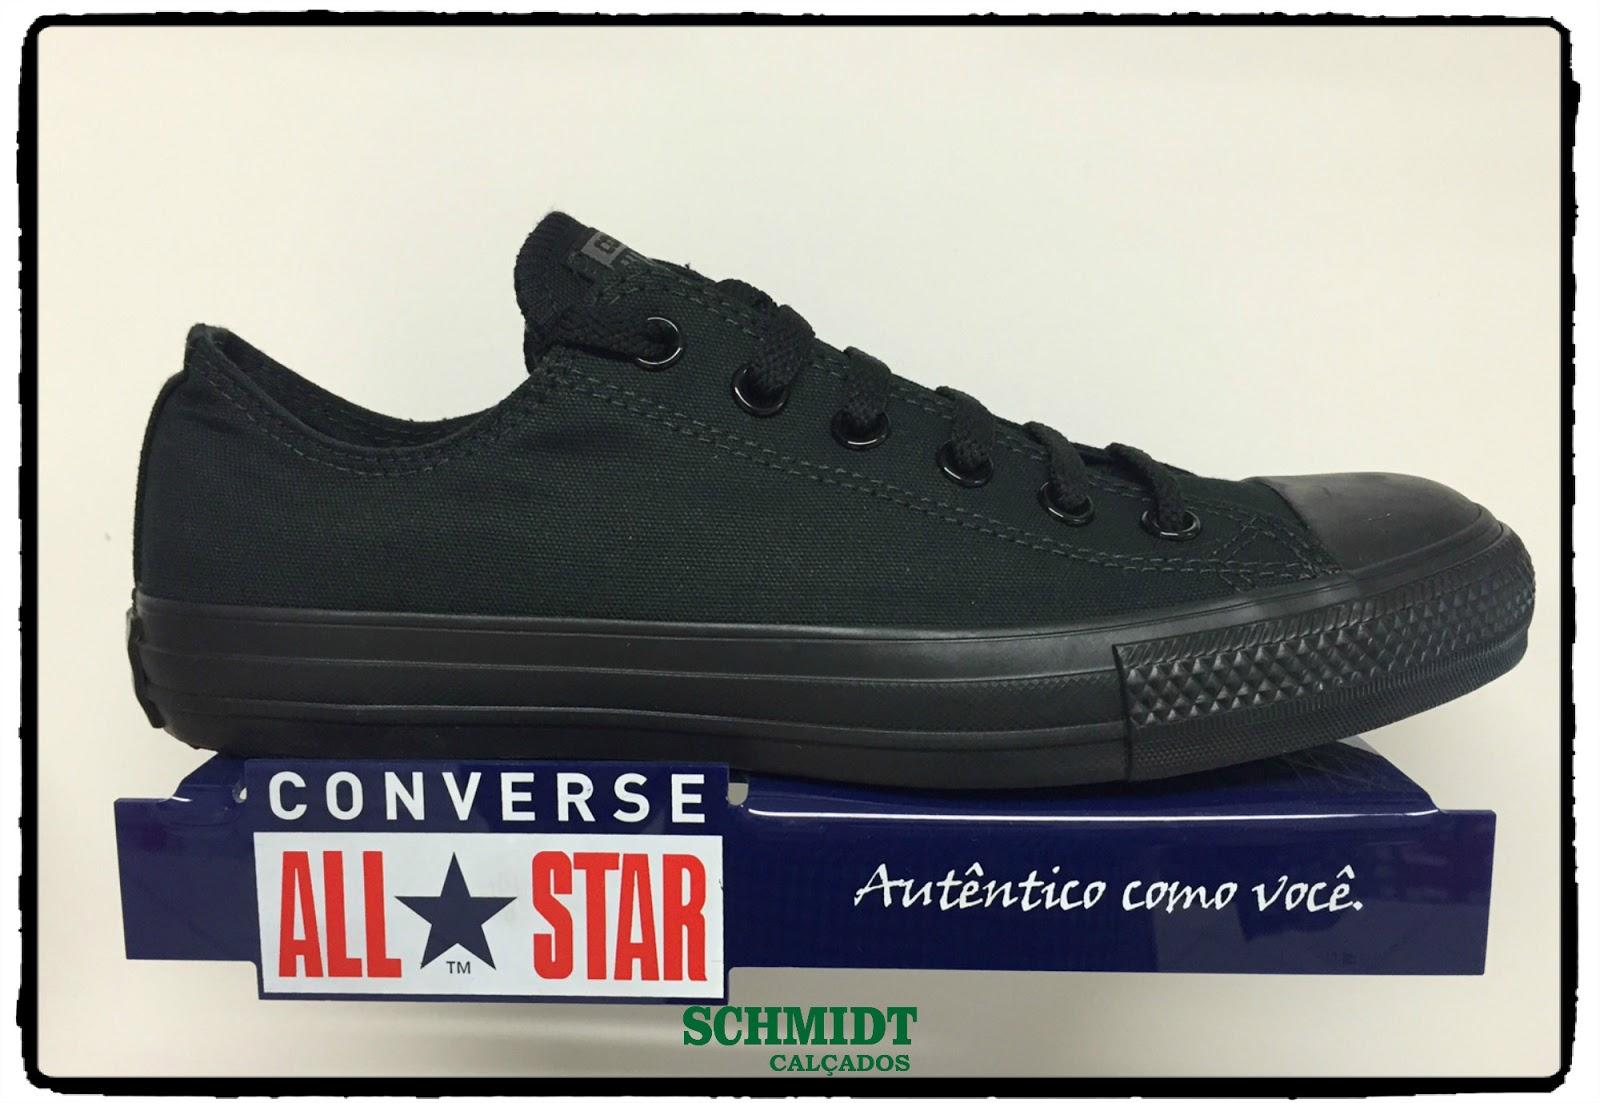 4e2dbca35421 Ponto 3 e Schmidt Calçados  All Star - converse